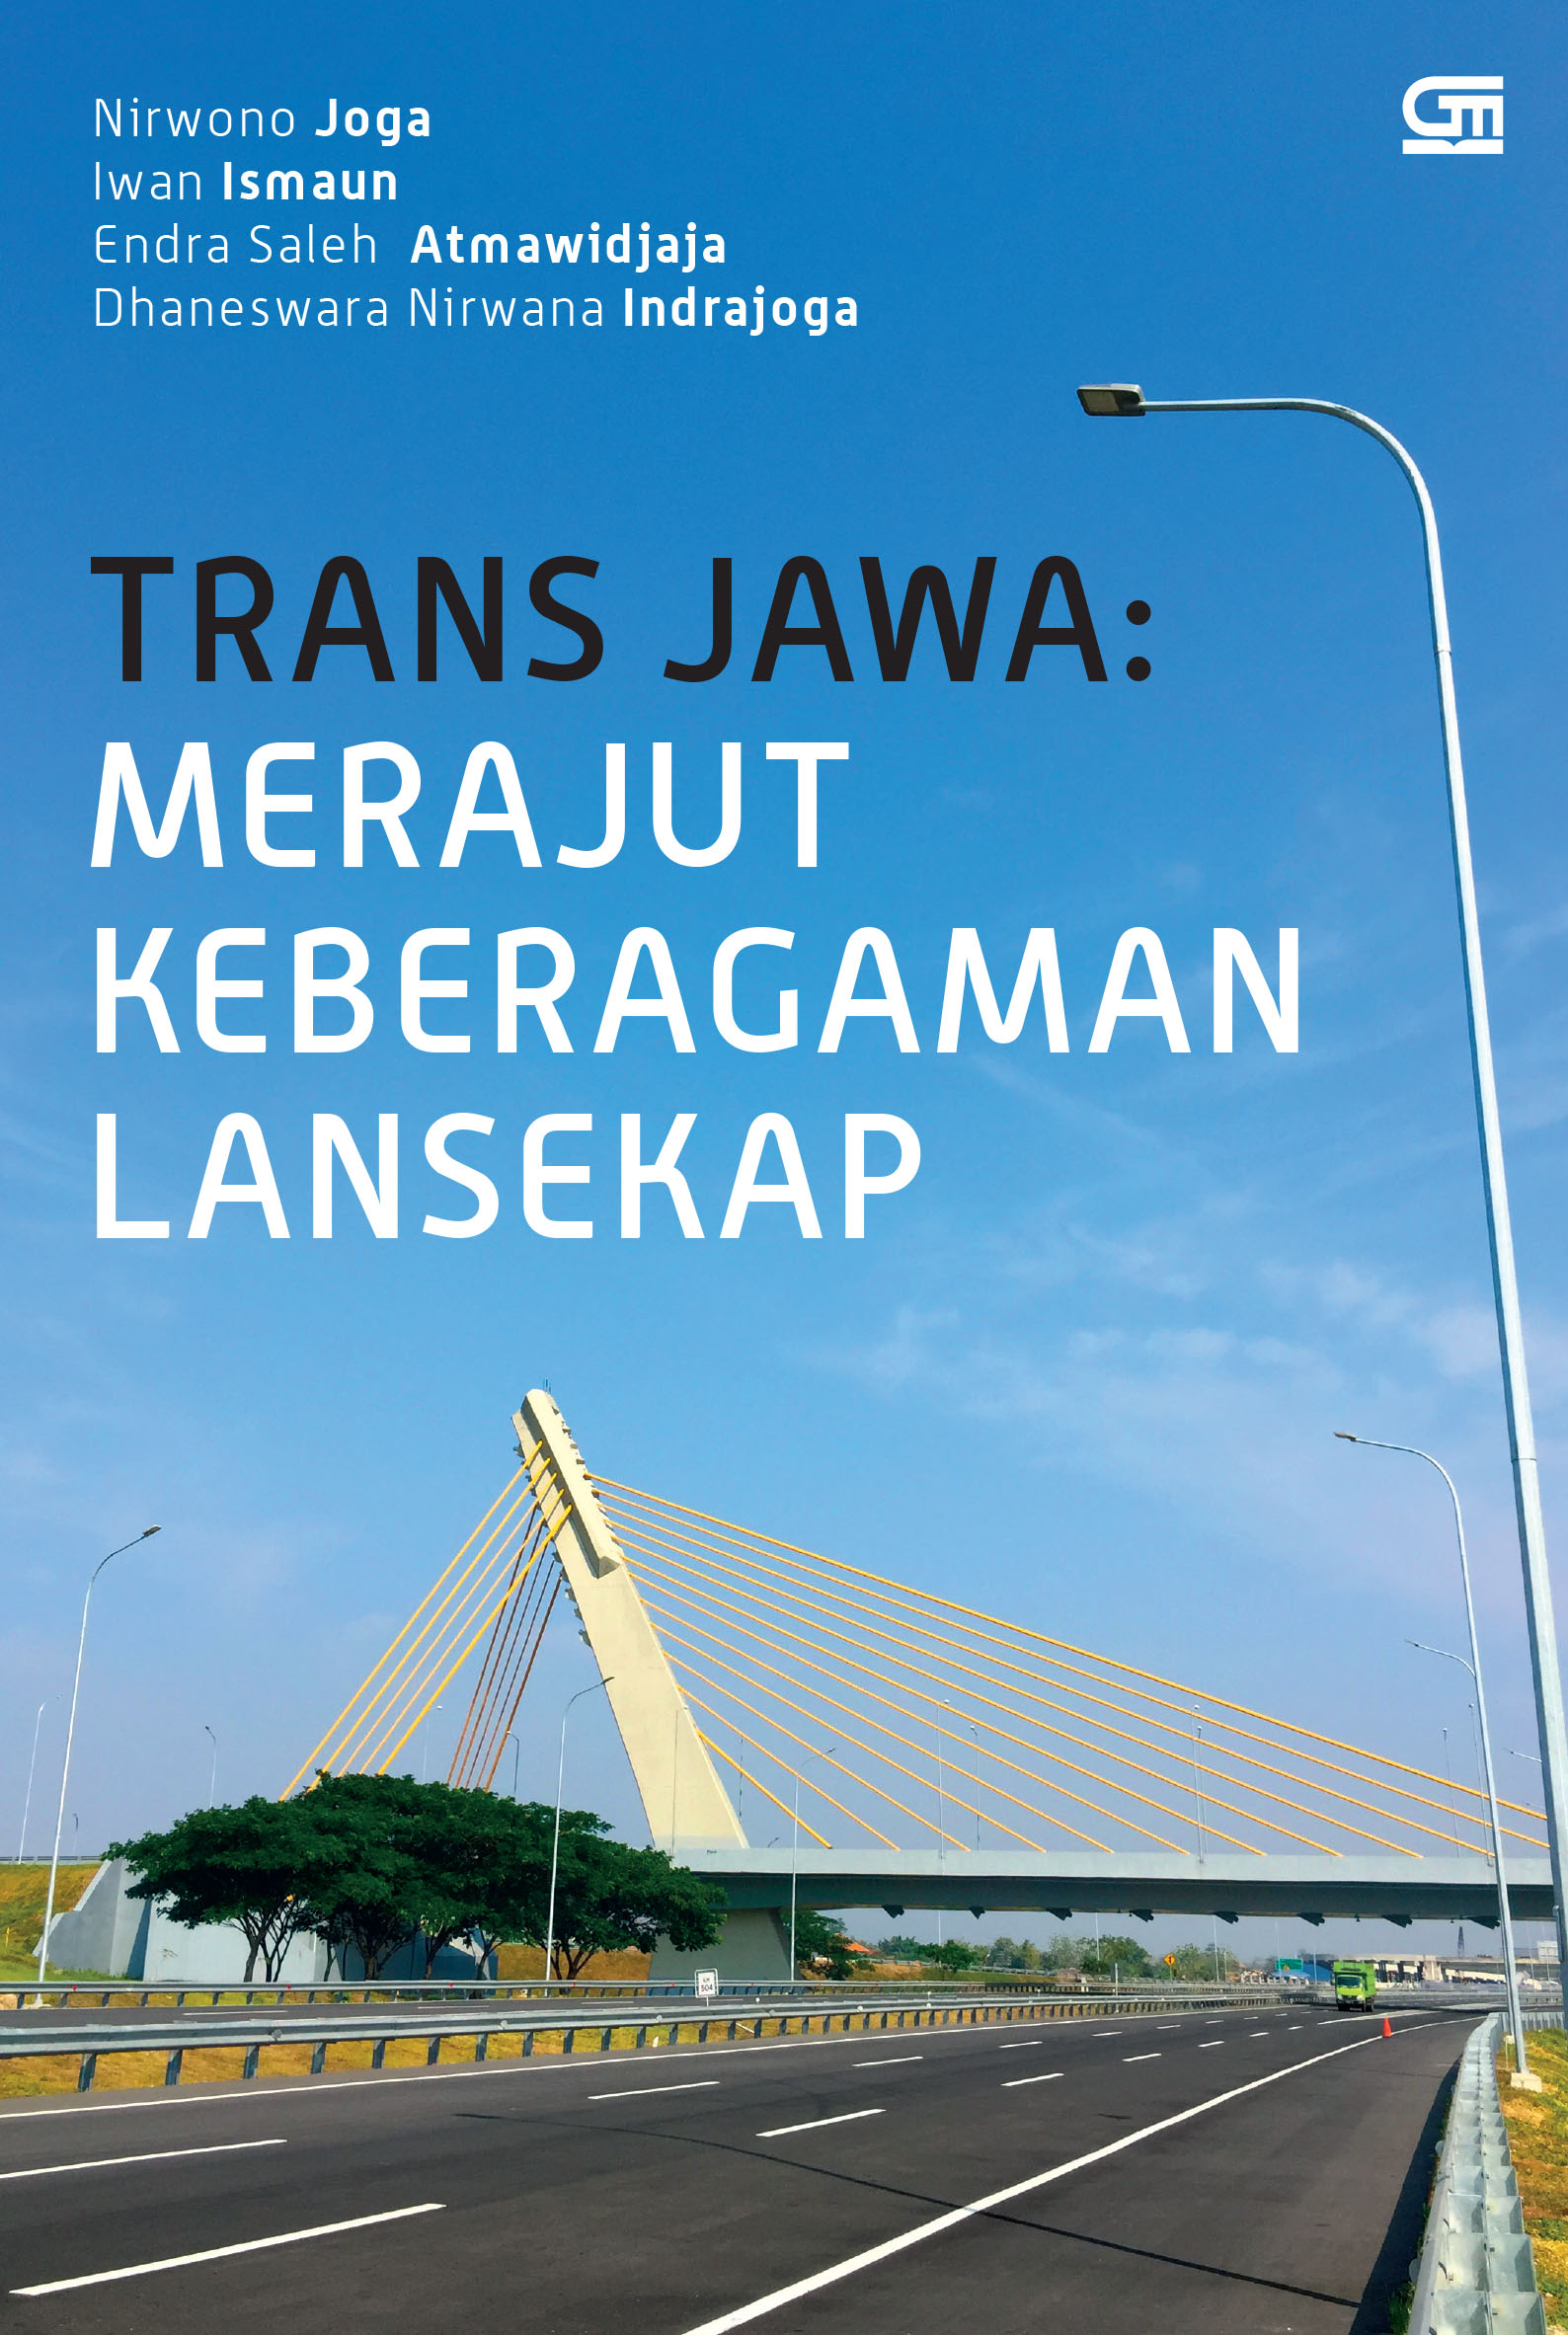 Trans Jawa: Merajut Keberagaman Lansekap